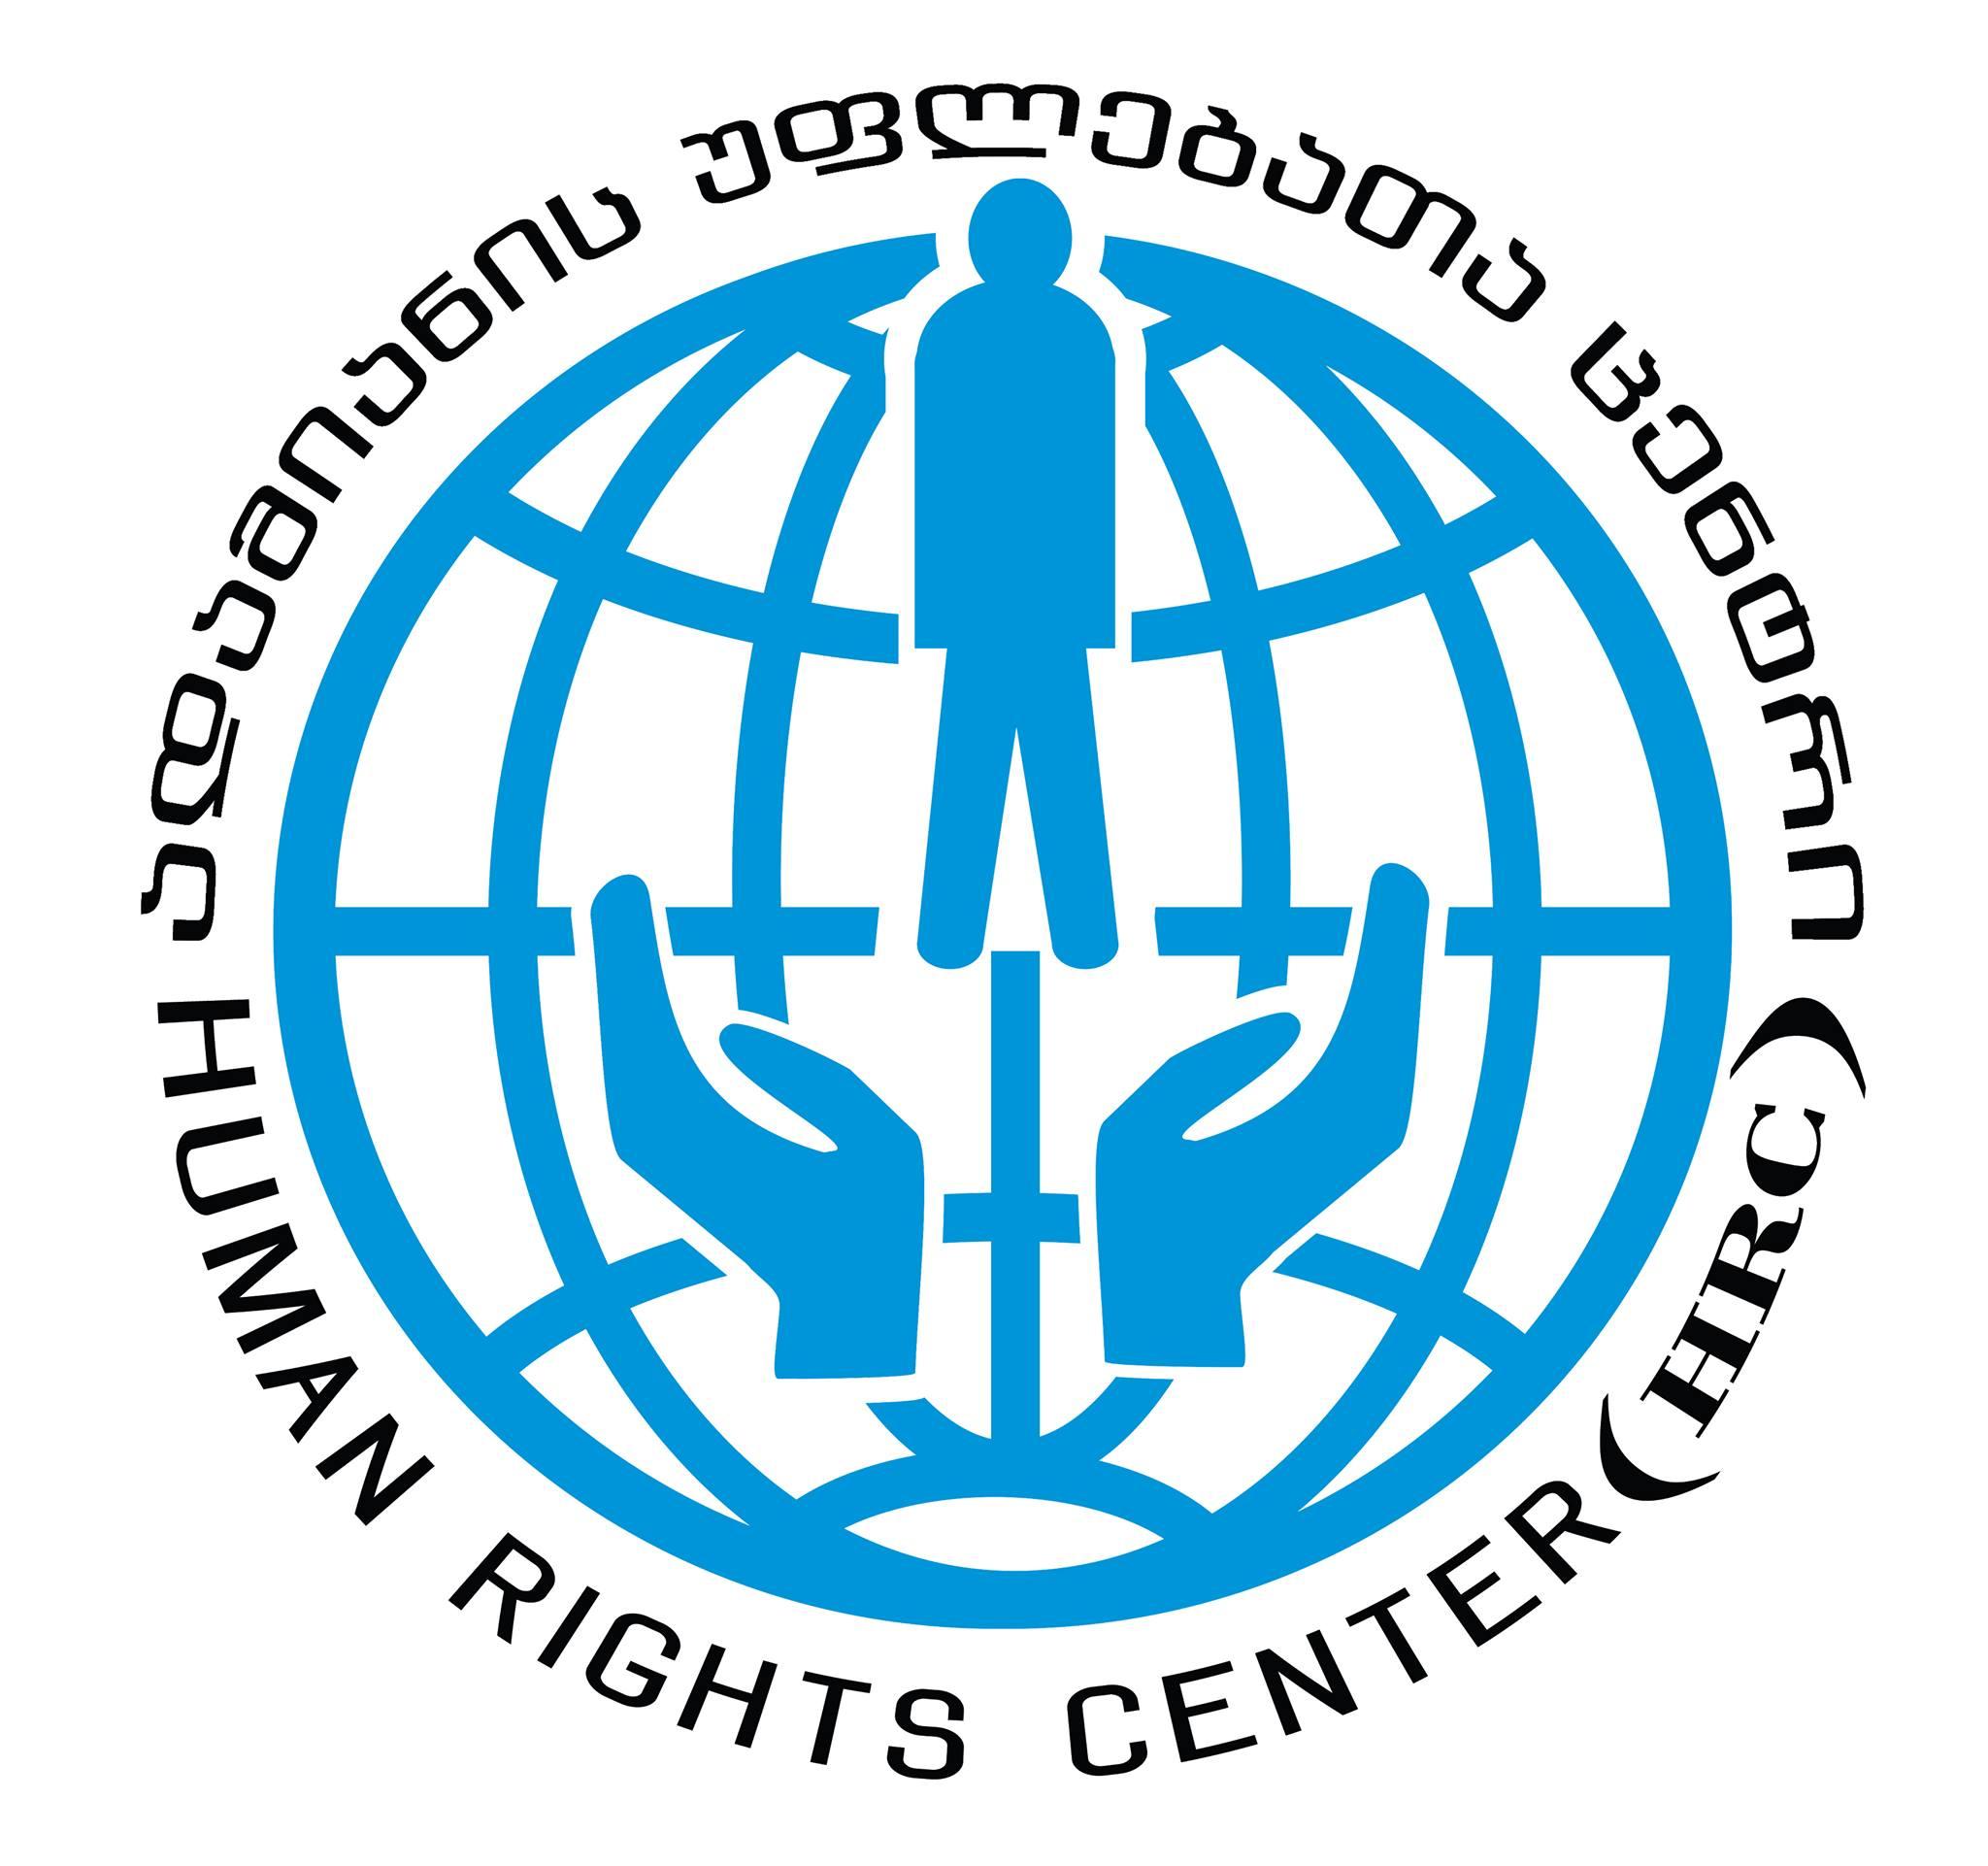 ადამიანის უფლებათა ცენტრი 2020 წლის საპარლამენტო არჩევნებს აკვირდება